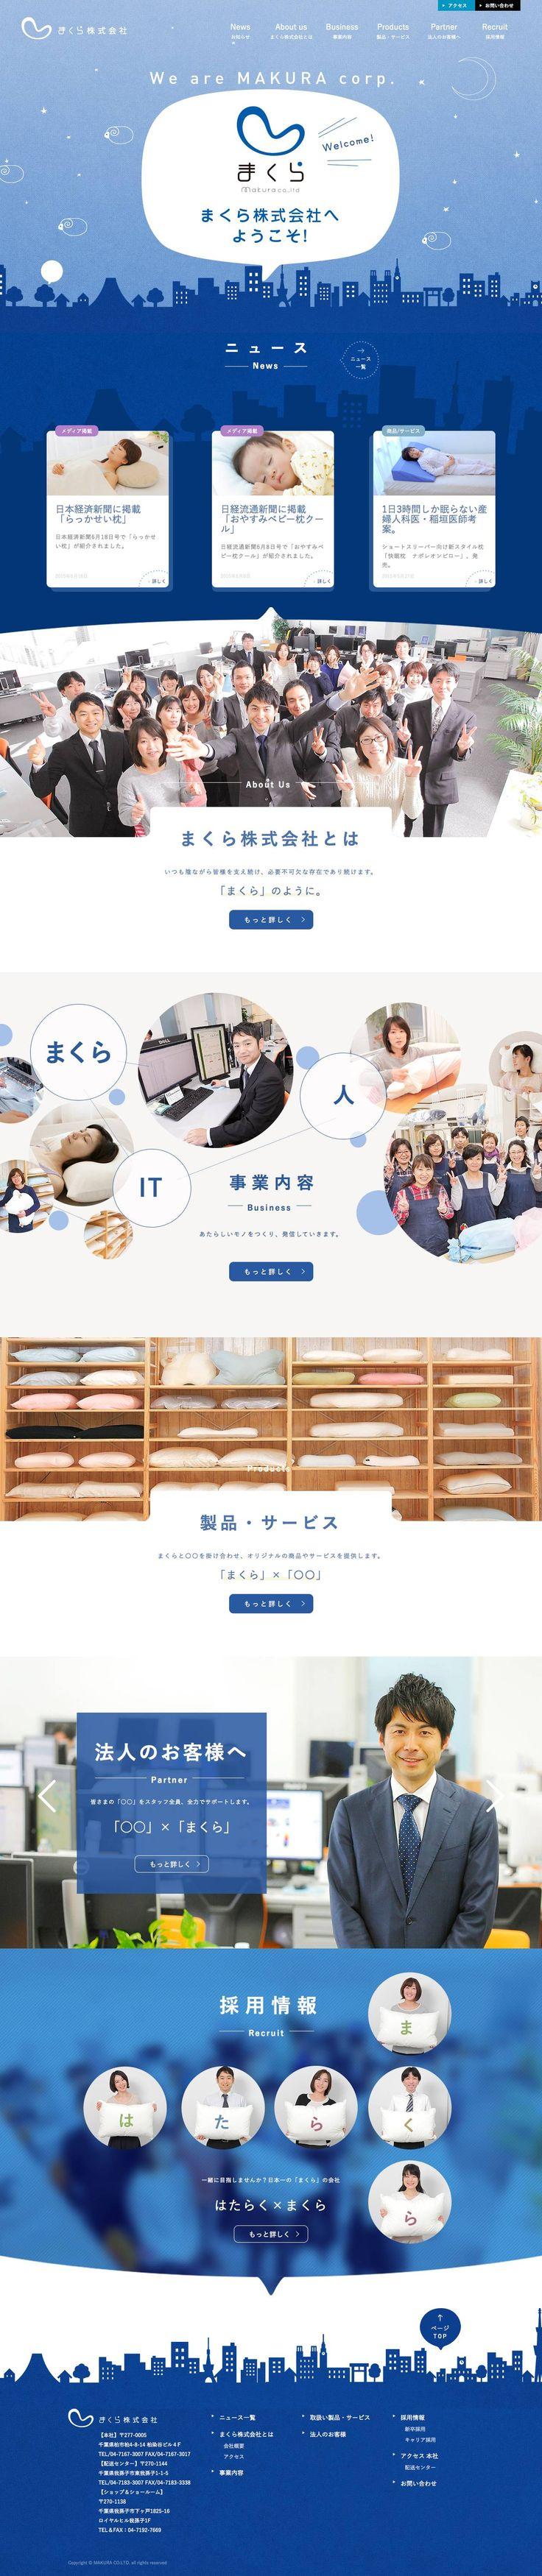 まくら株式会社のコーポレートサイト - デザインも素敵だけど、動作も凝ってる♡|Webdesign, design, Responsive, Corporate, Blue